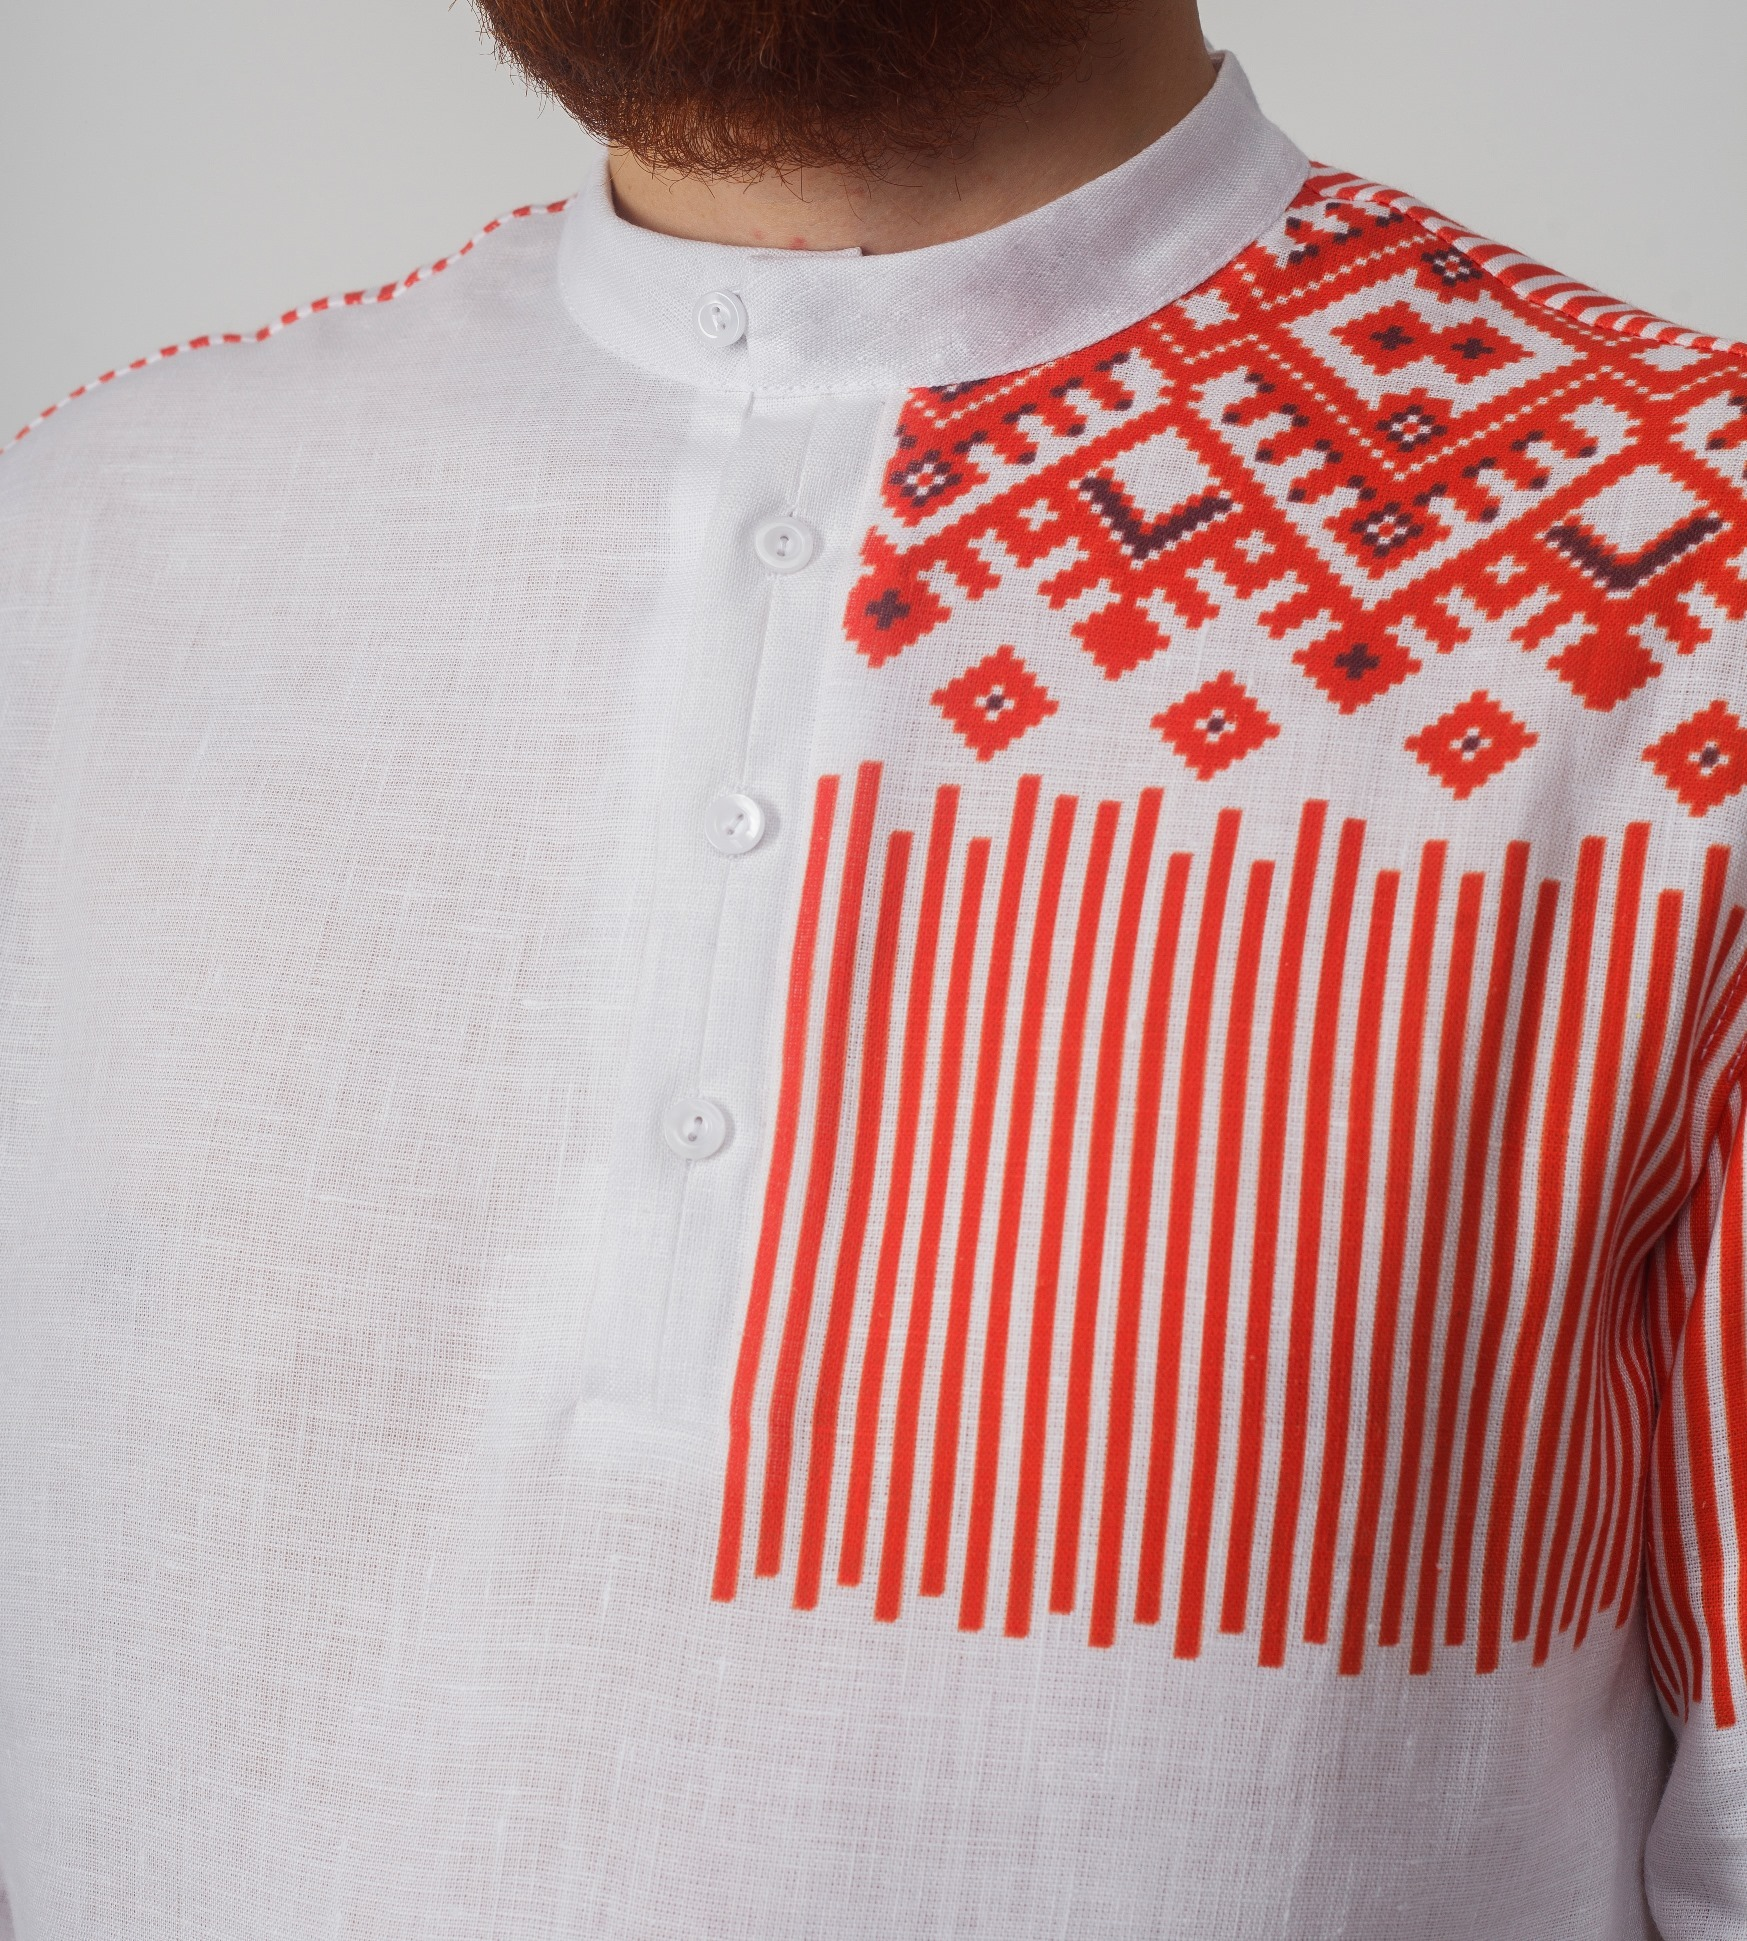 Рубашка мужская Русская приближенный фрагмент